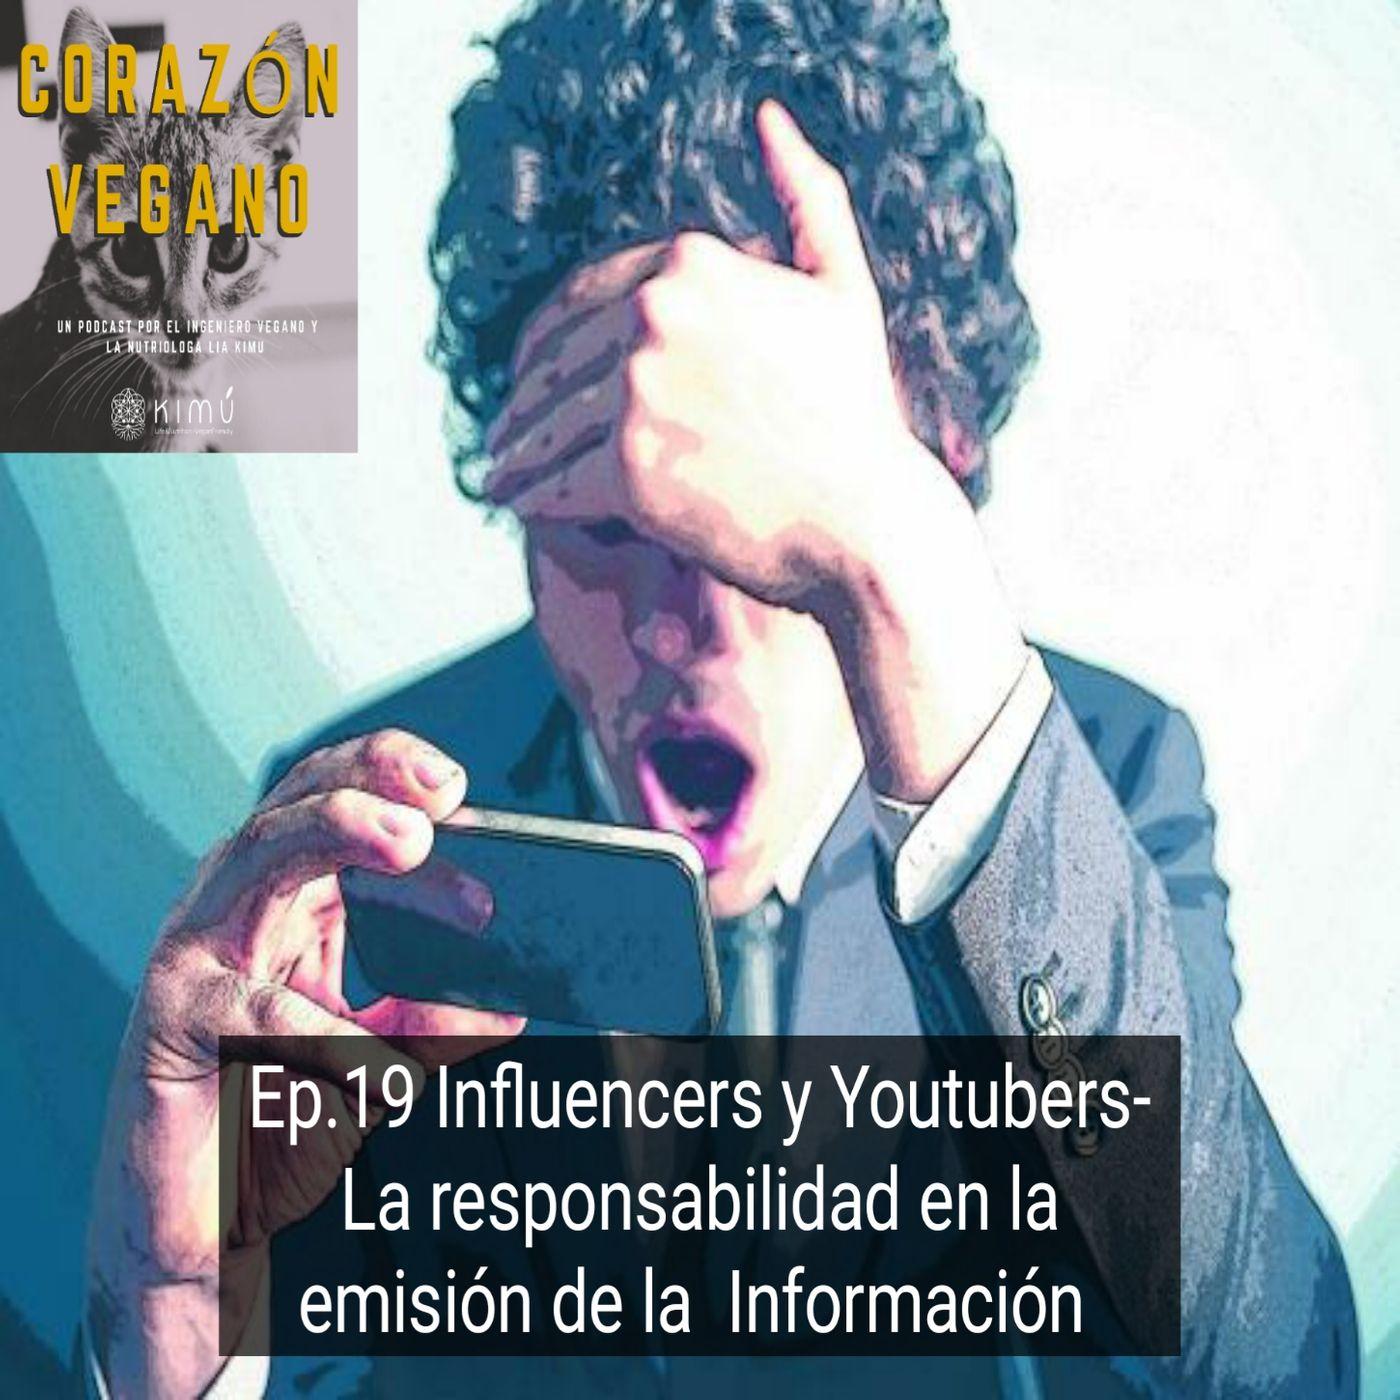 Ep.19 Influencers y Youtubers- La responsabilidad en la emision de la información